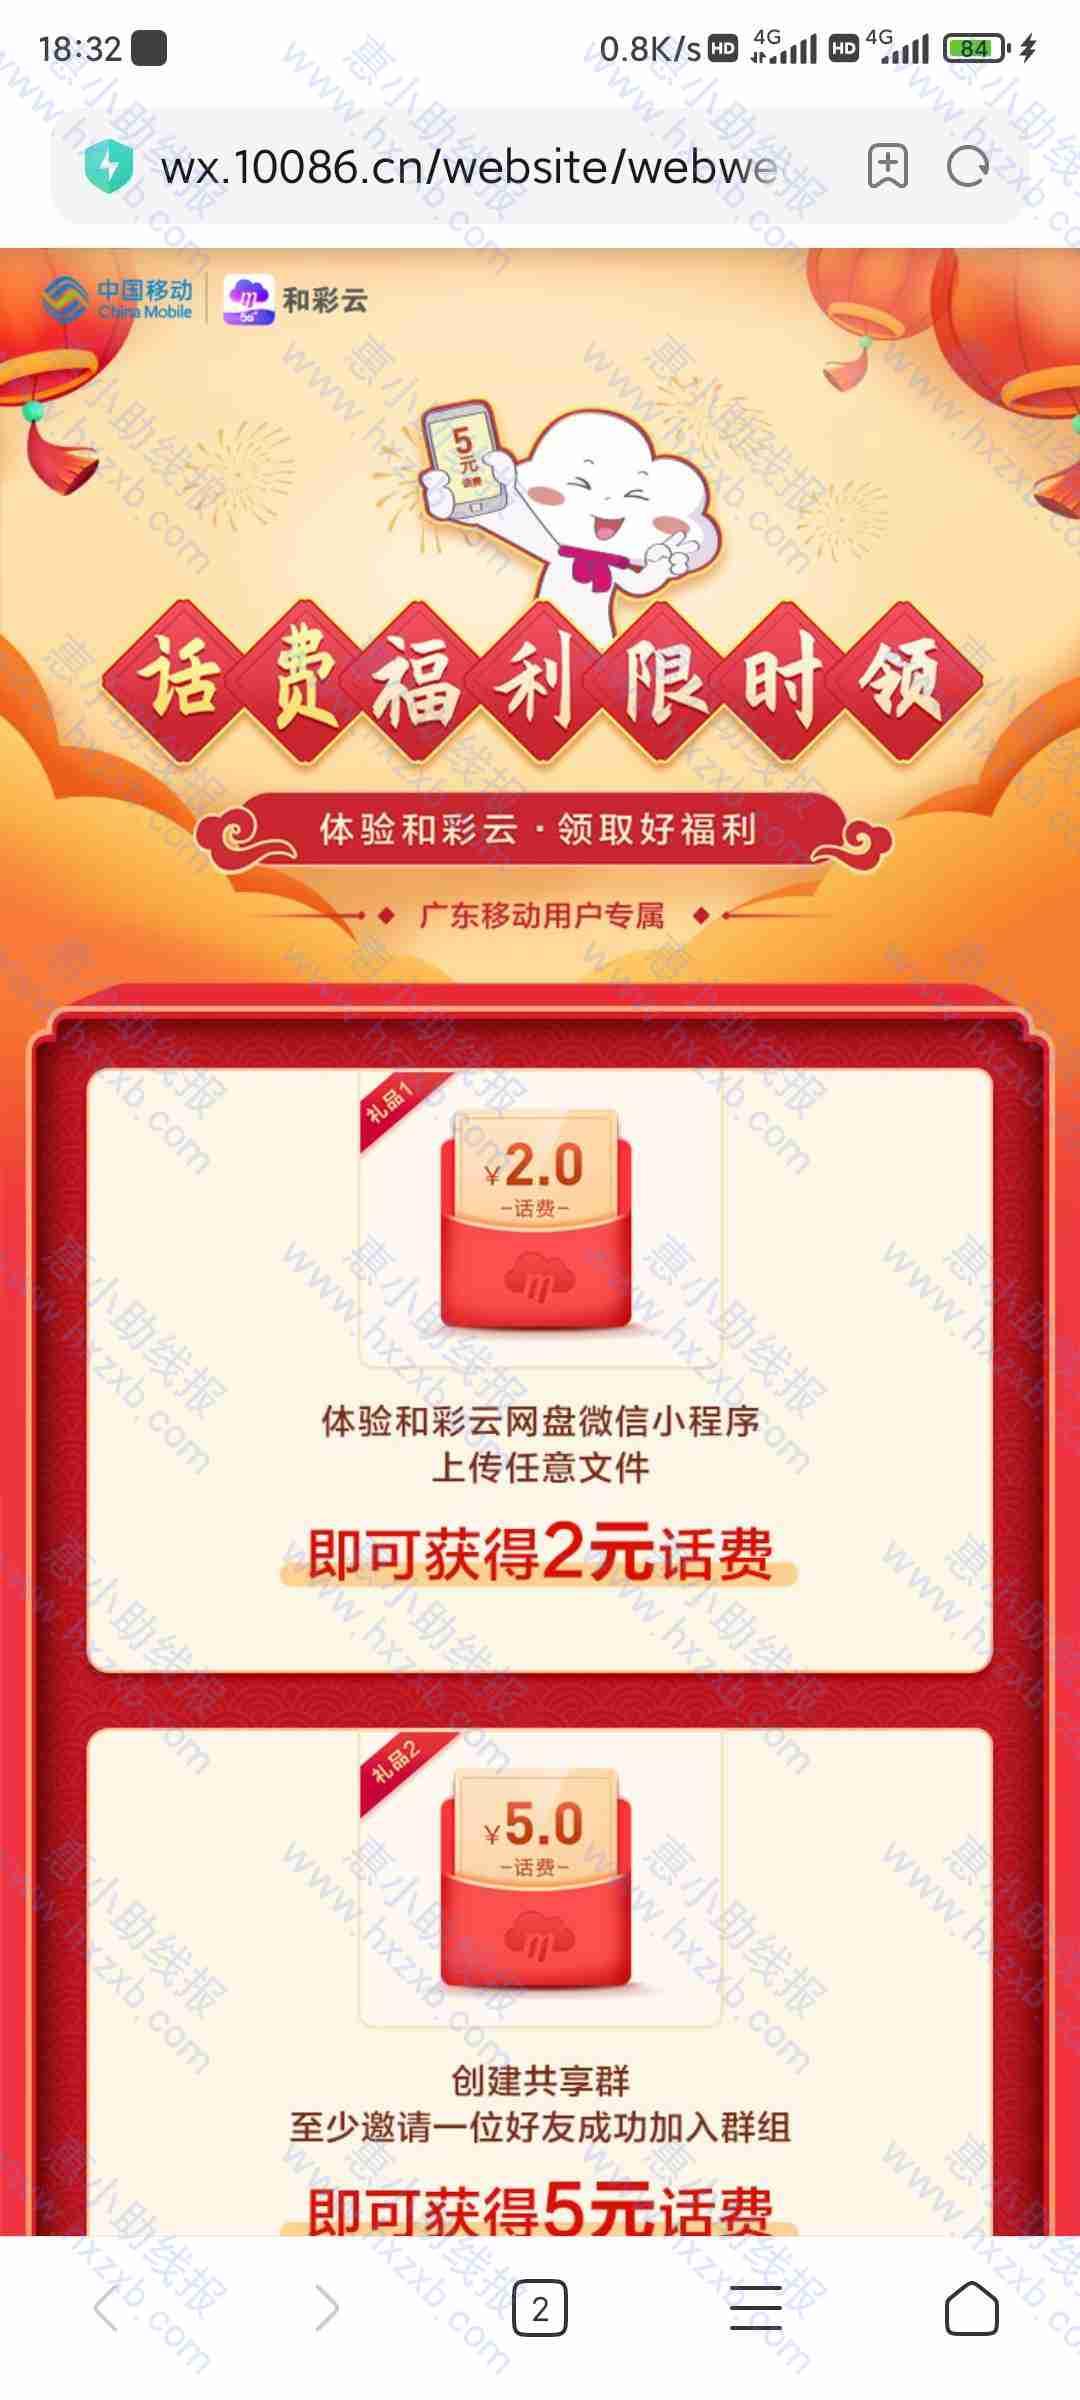 [话费]中国移动送话费